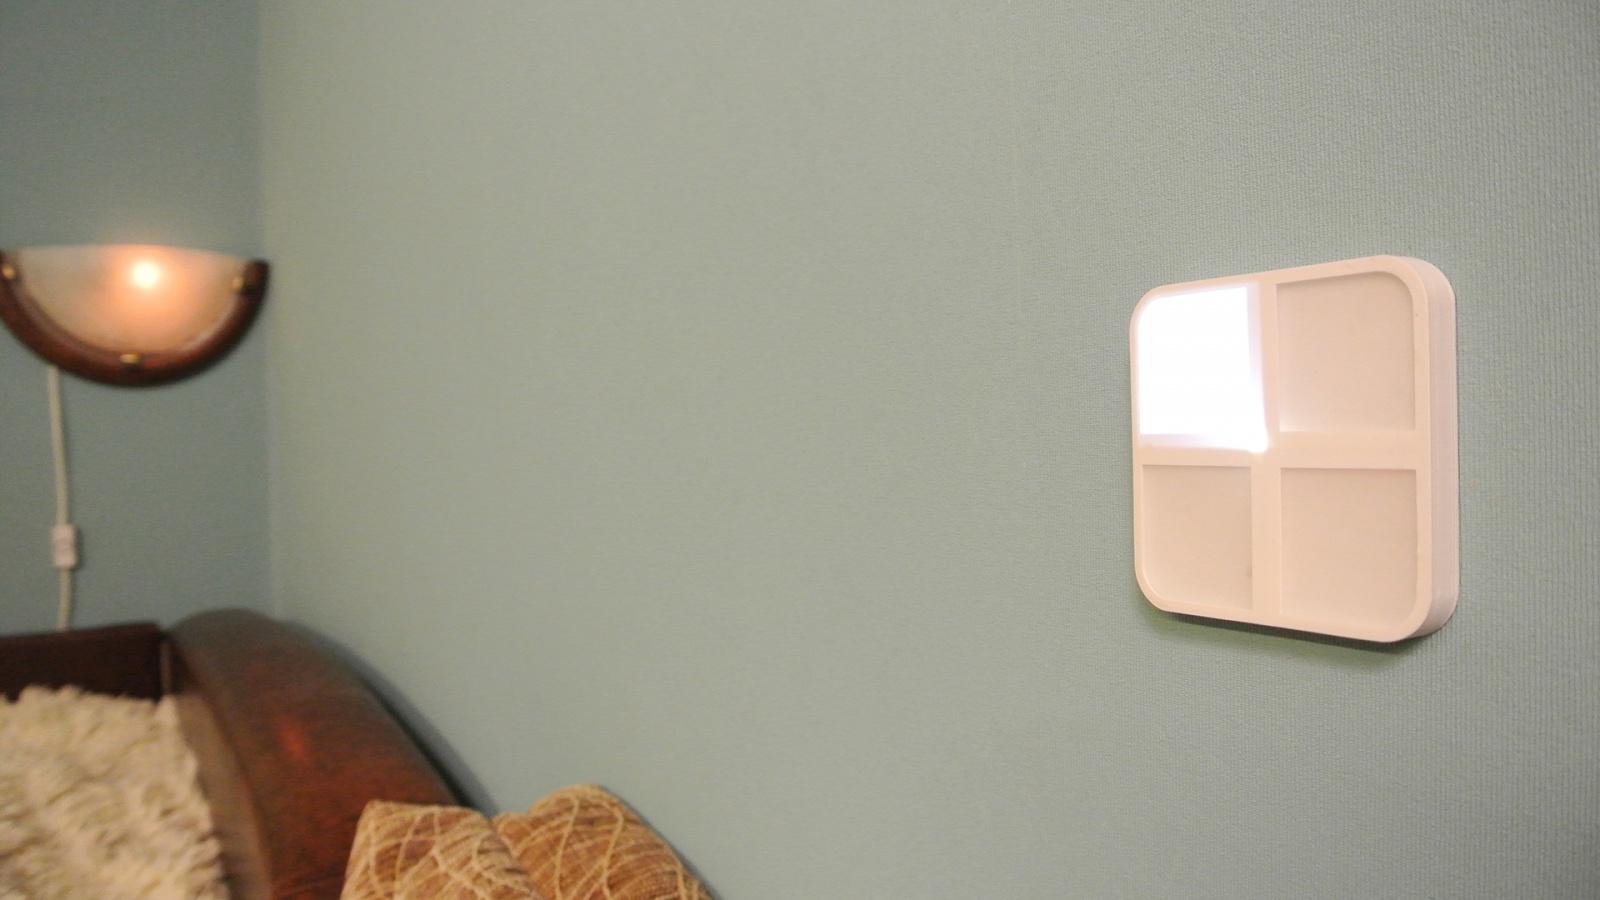 Разработка сенсорного Z-Wave выключателя на аккумуляторе со светящимися кнопками - 1